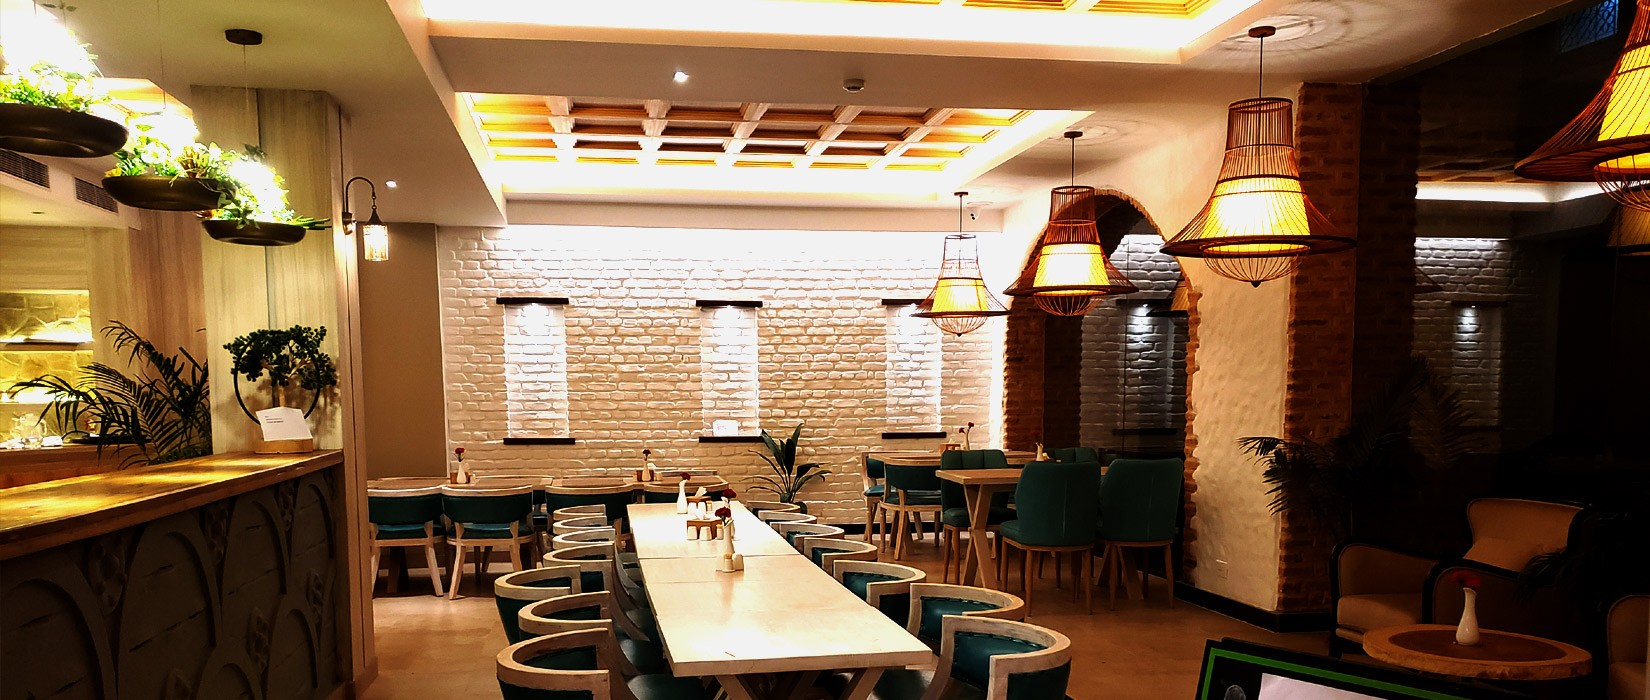 Atithi Dine Arushi Boutique Hotel